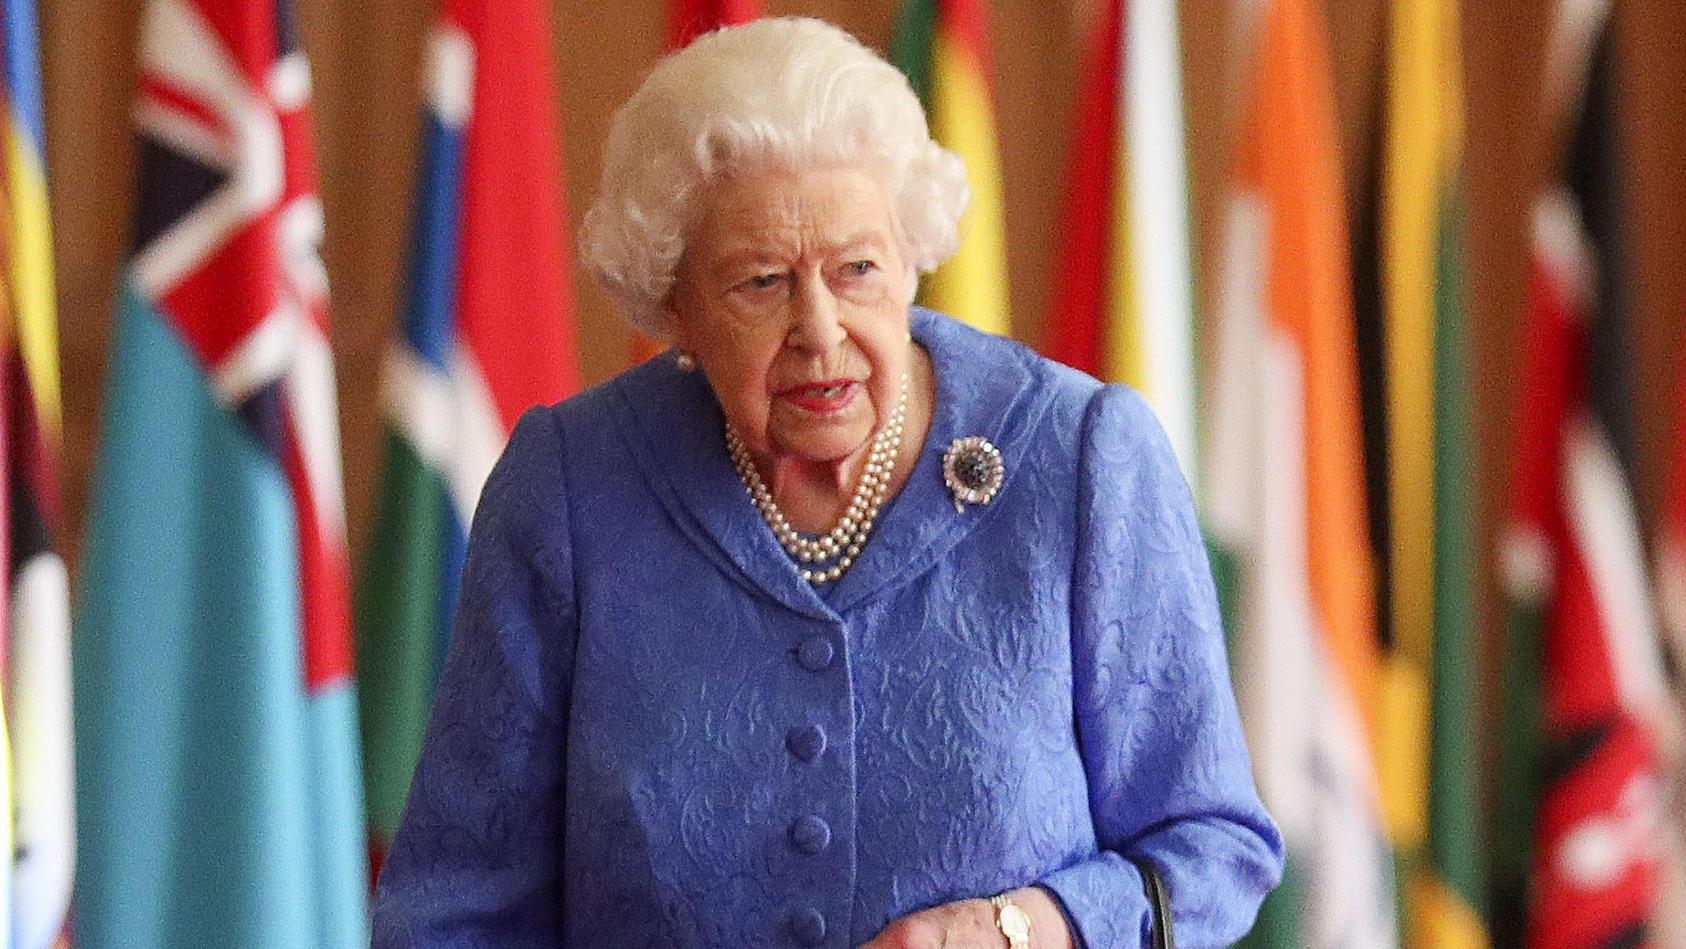 Die Queen äußert sich zu den Vorwürfen, die Prinz Harry und Herzogin Meghan dem Palast gegenüber aufgeworfen haben.